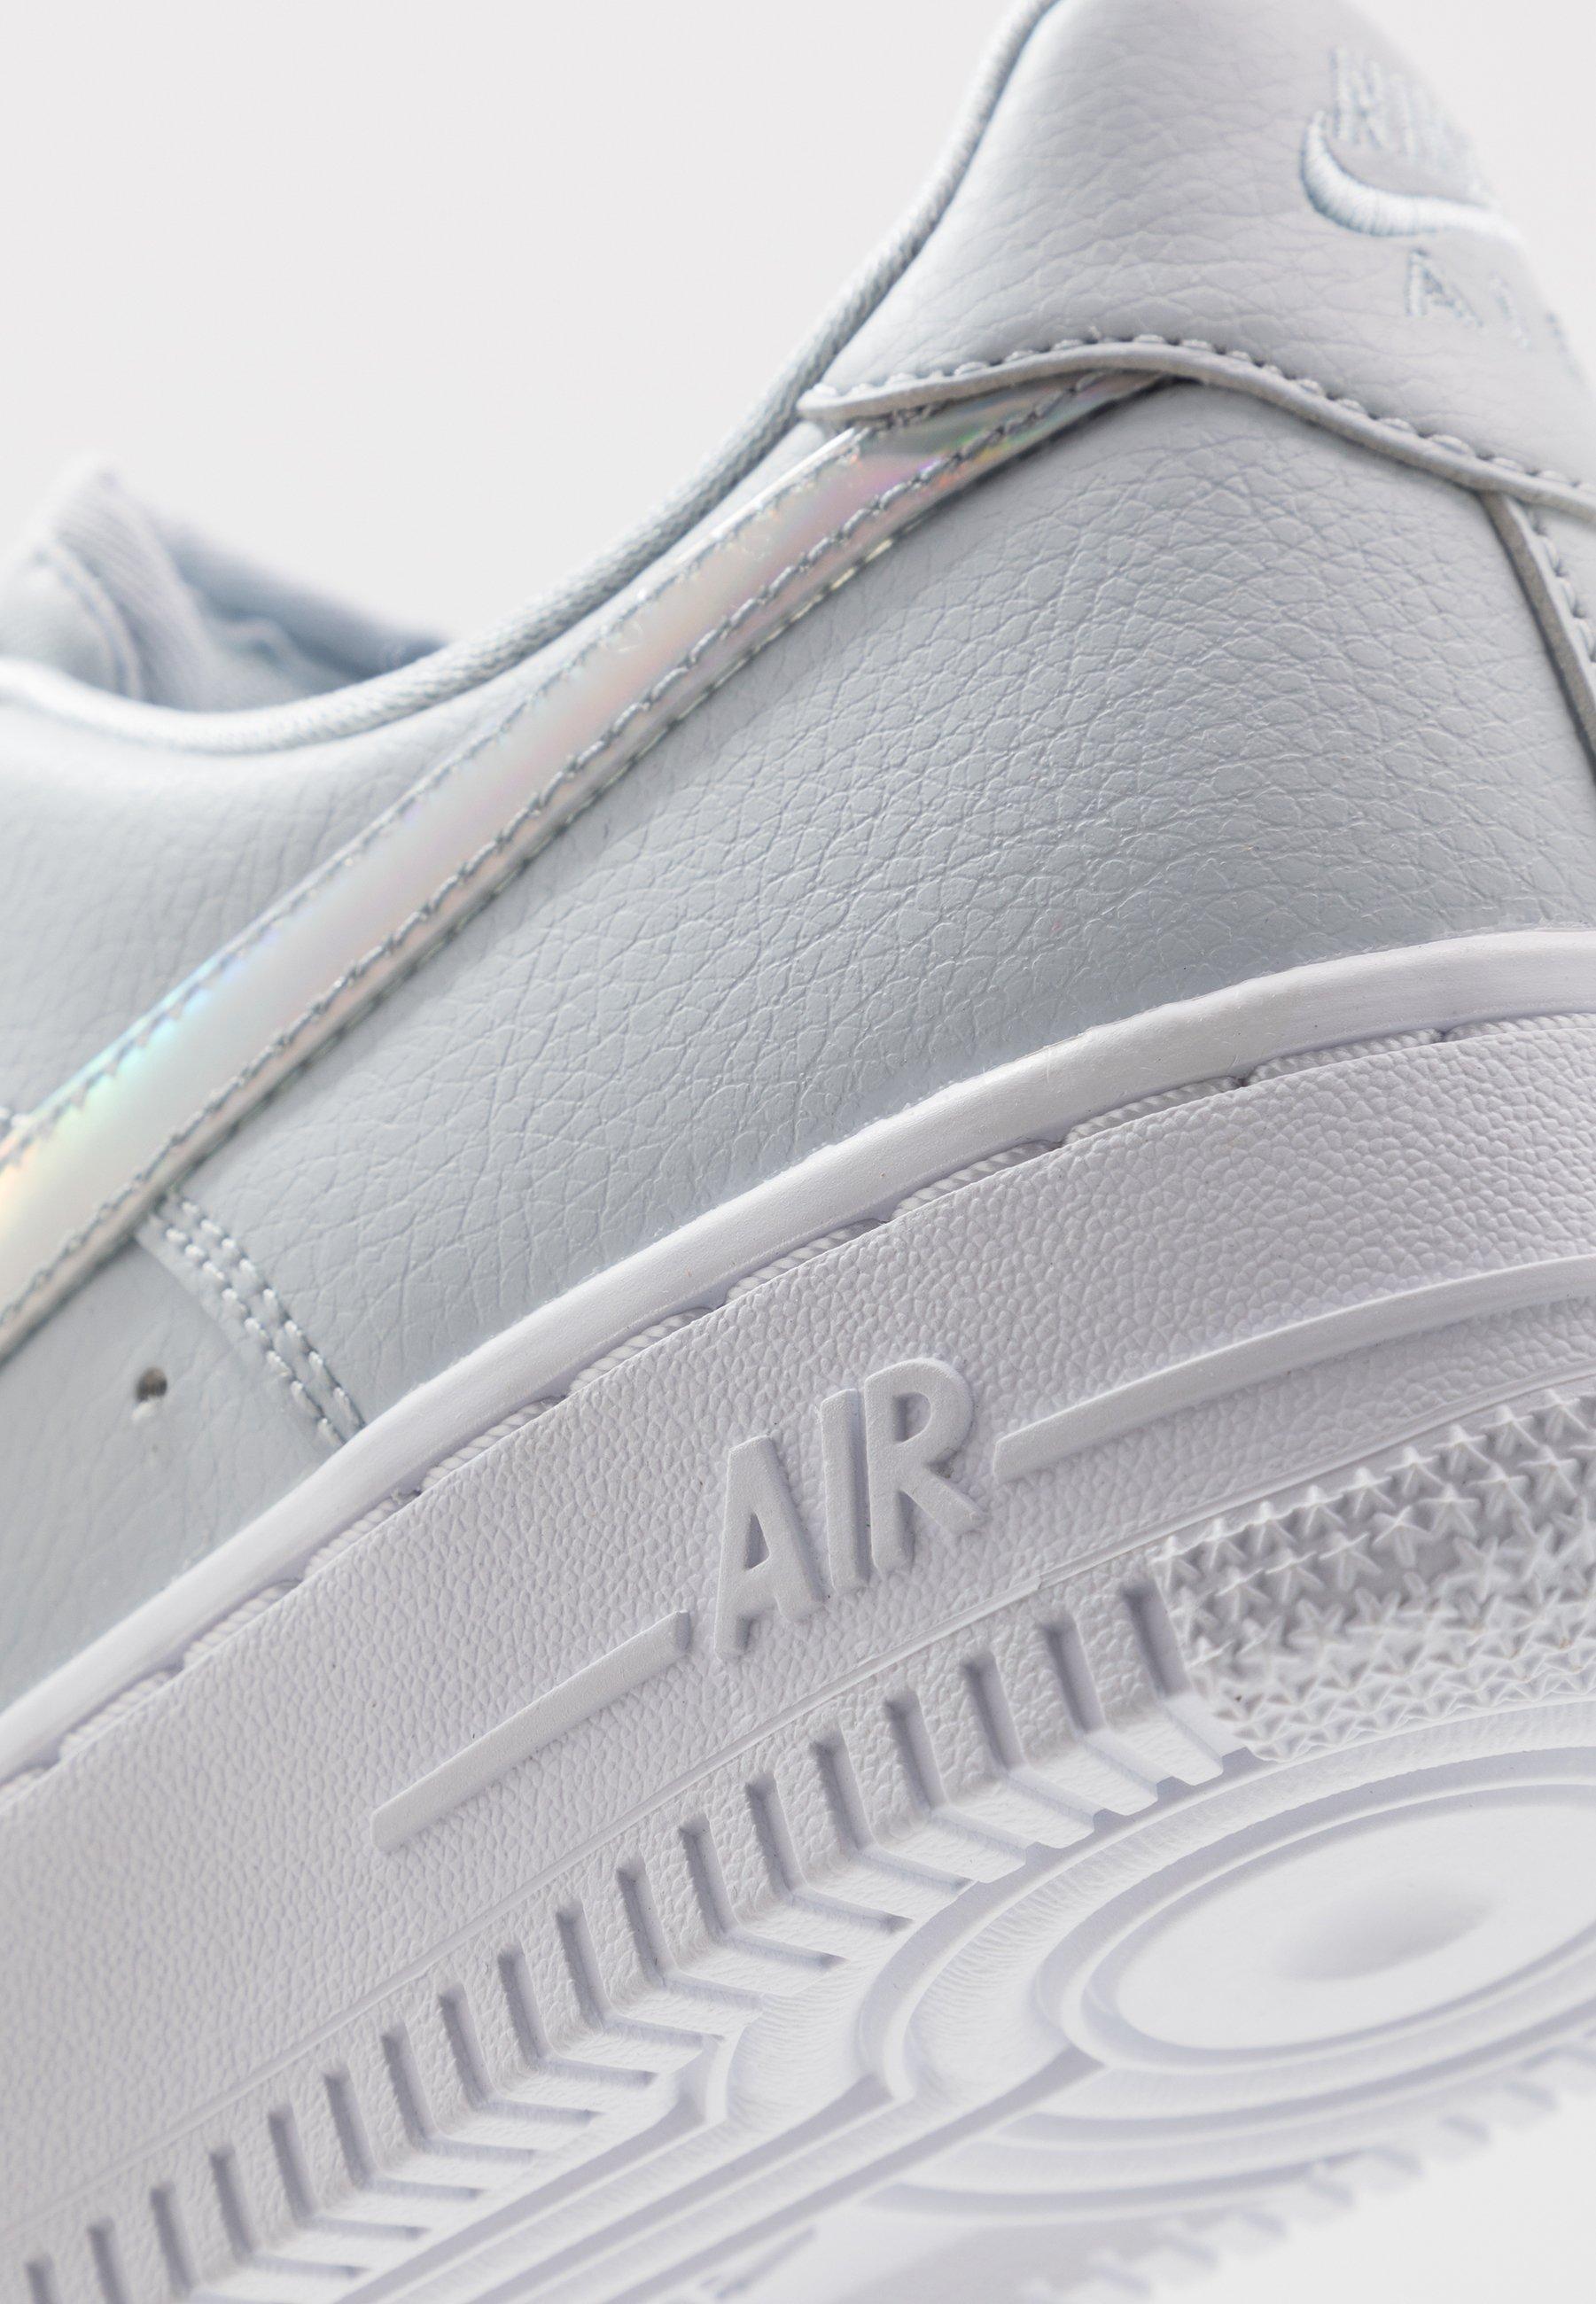 AIR FORCE 1 Sneakers aurawhite